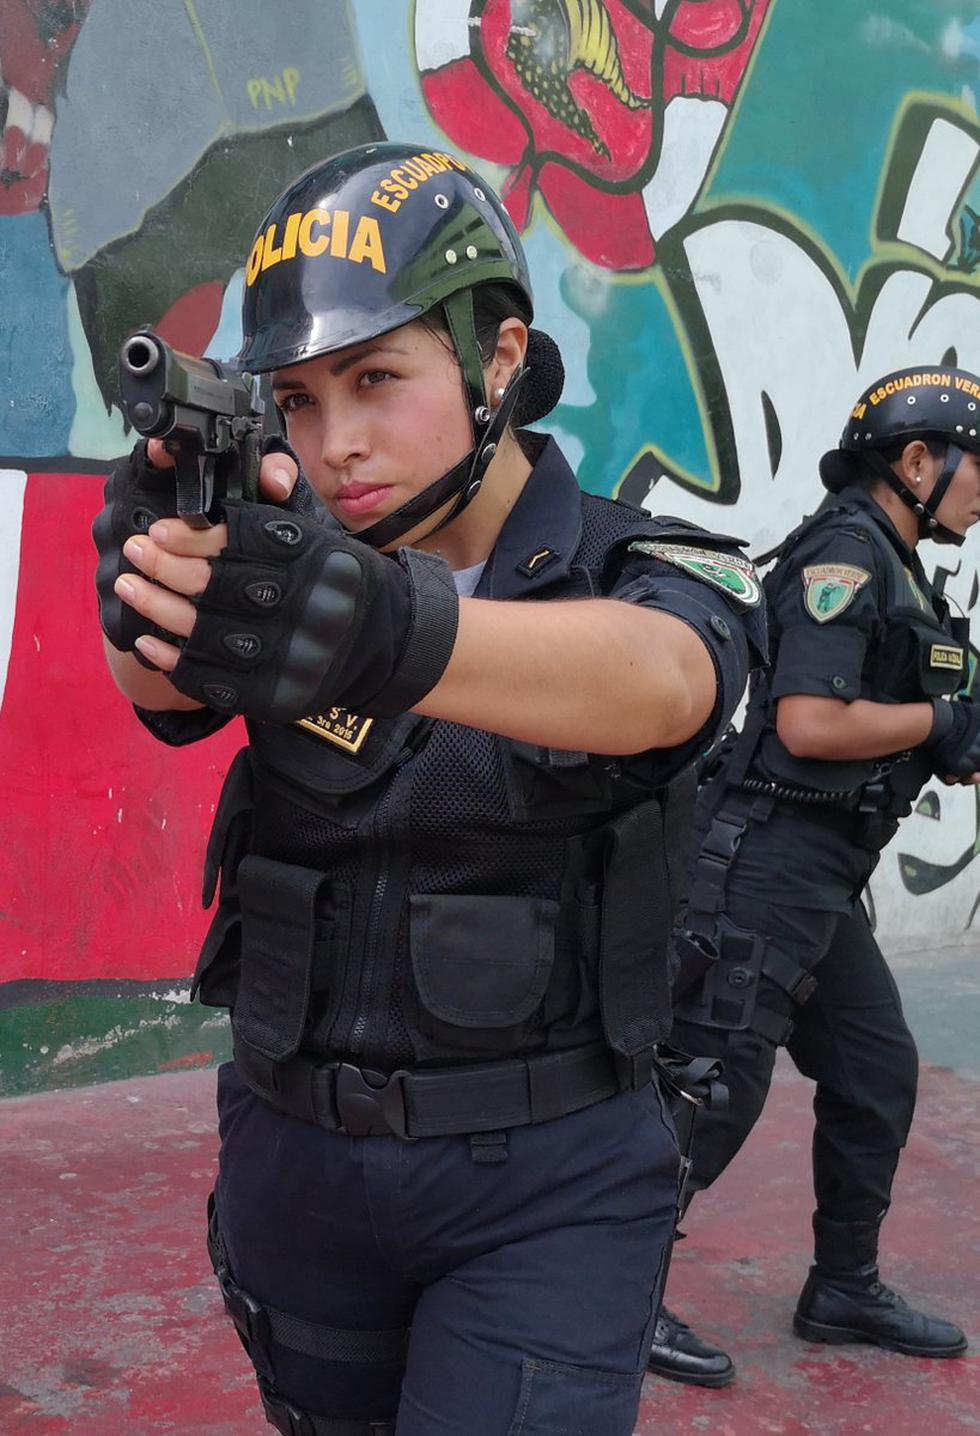 Hoy Se Conmemora El Dia De La Mujer Policia Peru Peru21 «día de la mujer», «día del trabajo», «día de los enamorados» y todos los nombres de festividades se escriben con iniciales mayúsculas, señala la internacional de la mujer, navidad, domingo de resurrección, día de acción de gracias… sin embargo, cuando con el nombre (a menudo en plural). hoy se conmemora el dia de la mujer